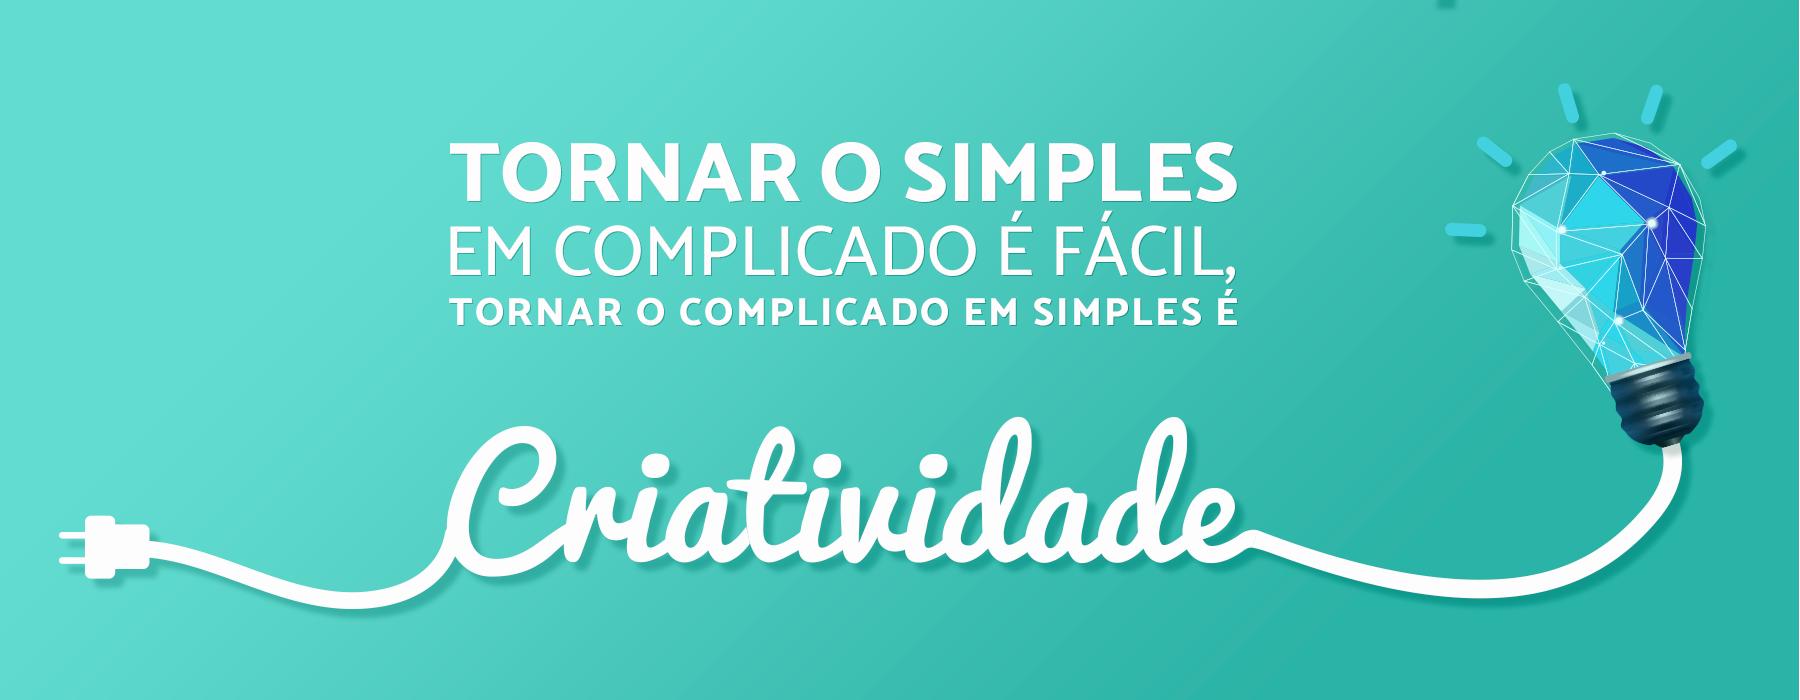 Tornar o simples em complicado é fácil, tornar o complicado em simples é criatividade